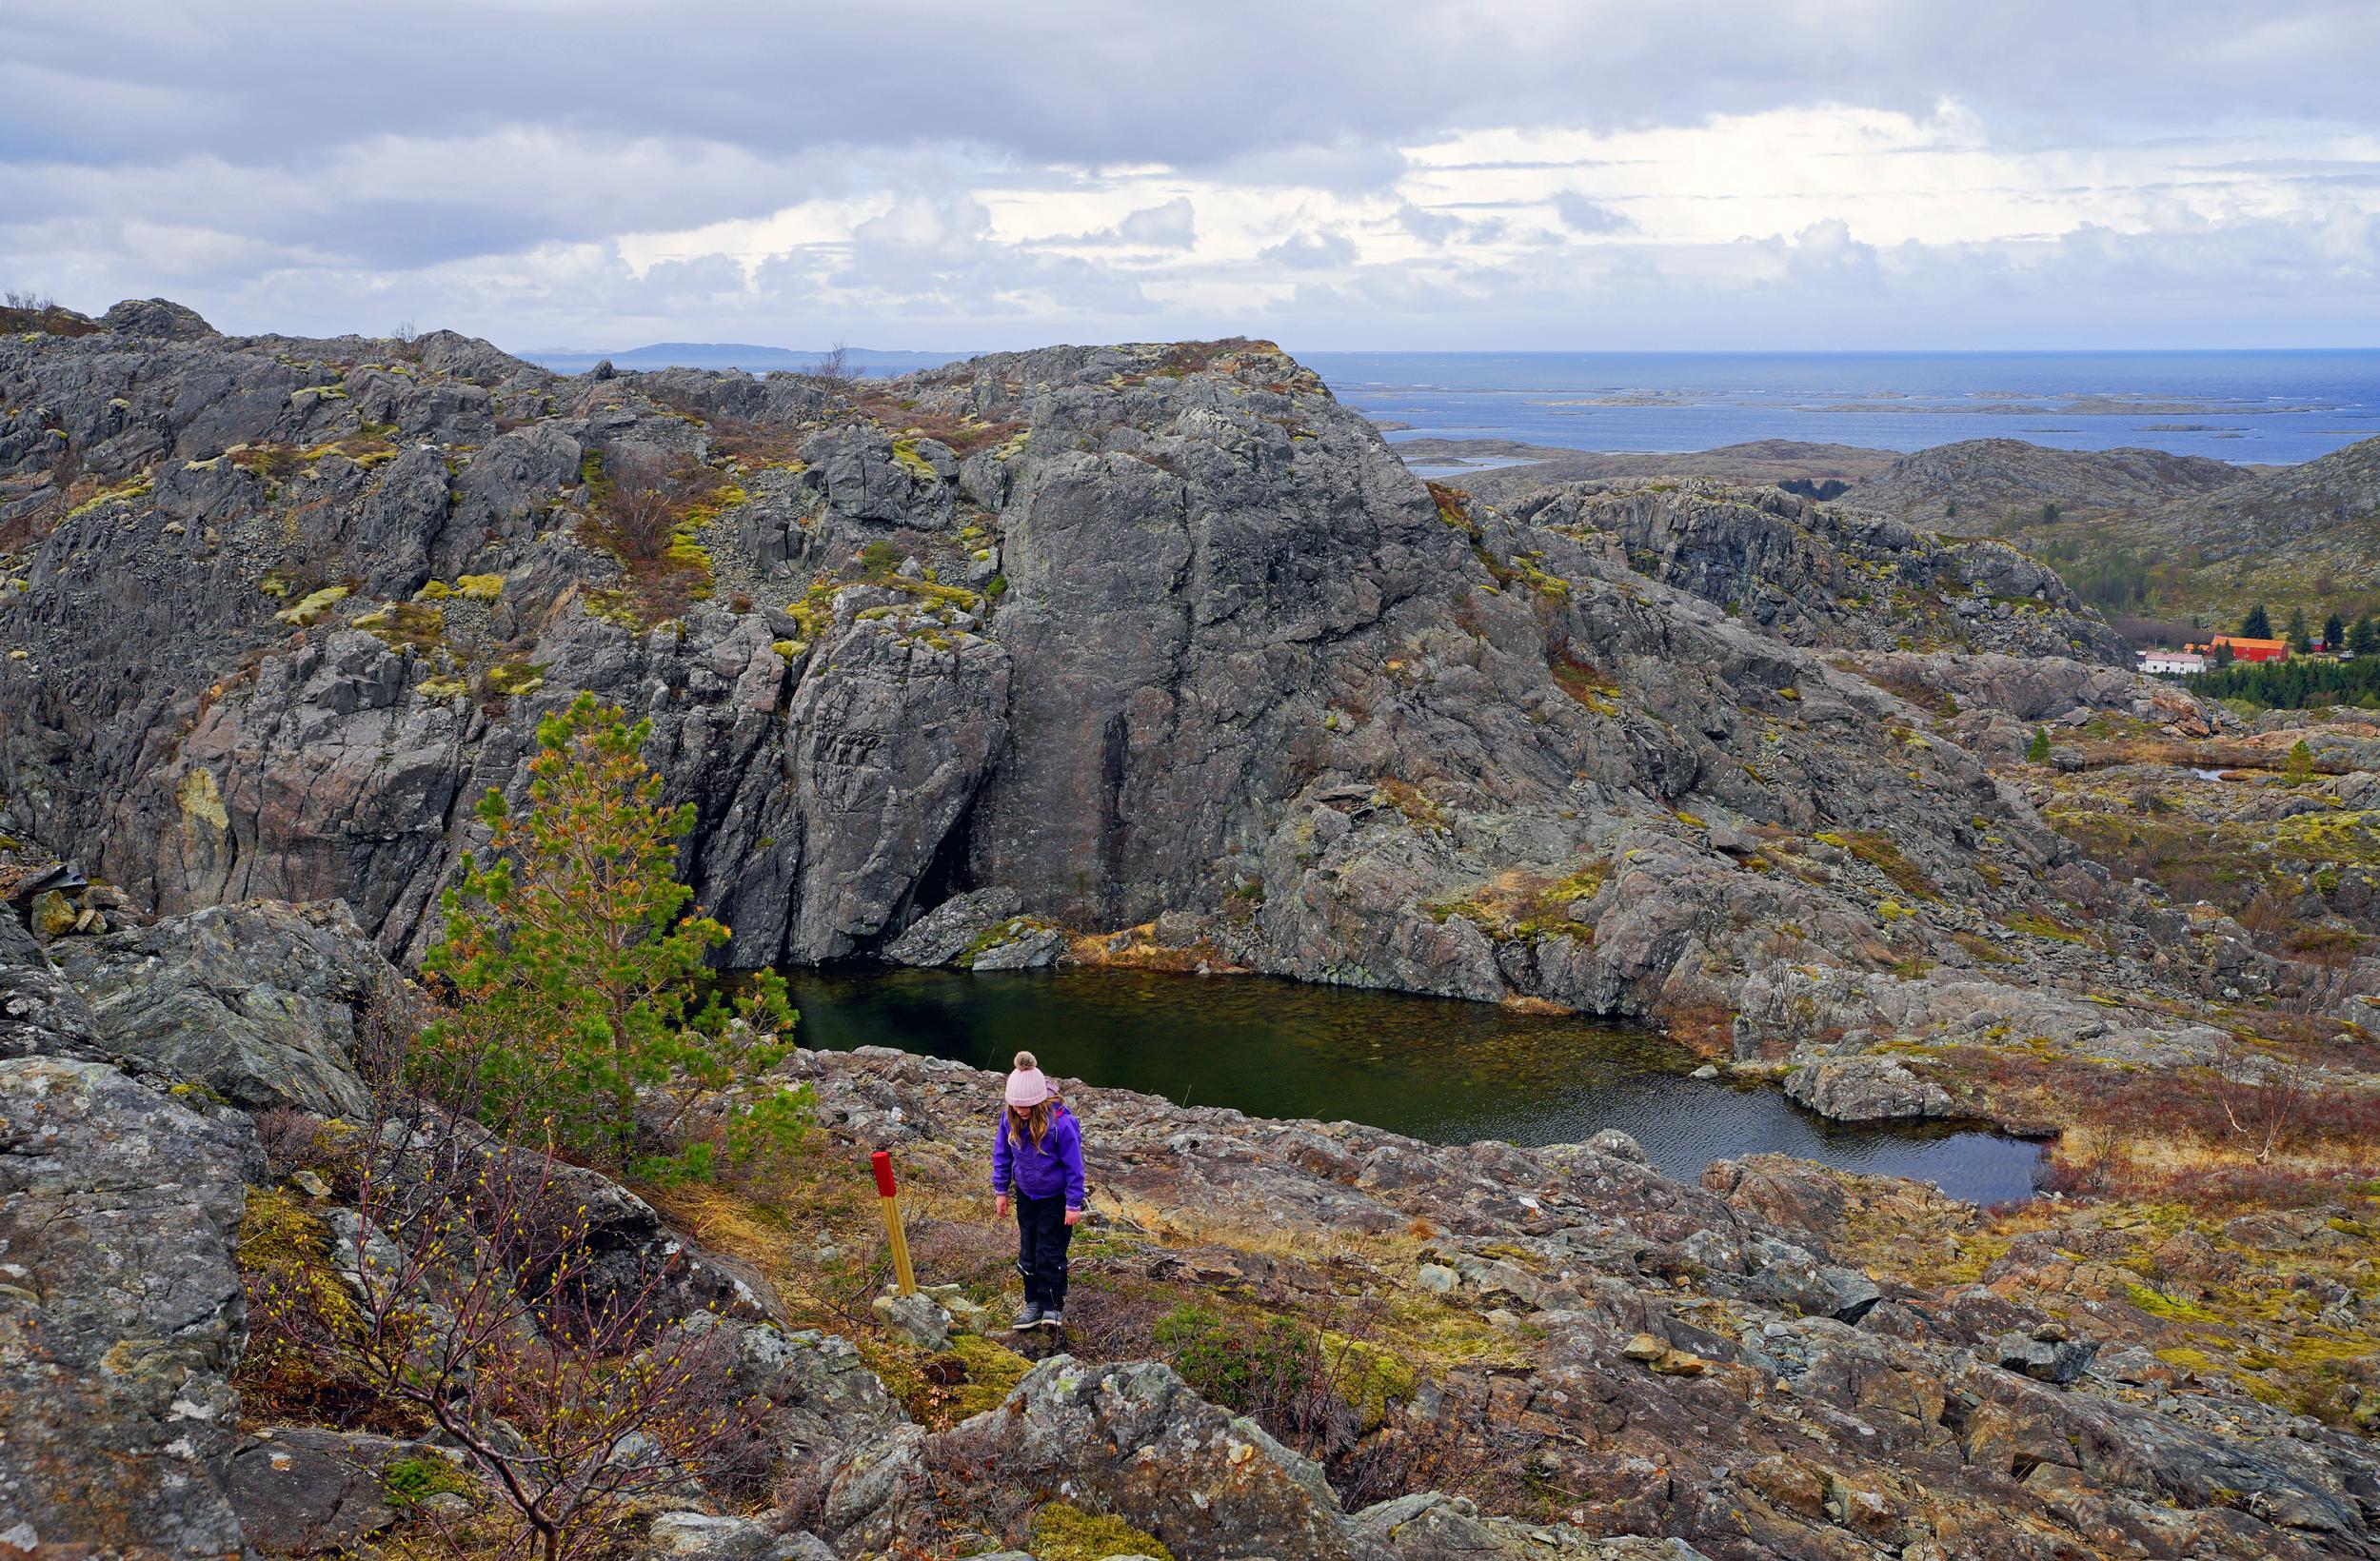 Lekamøya